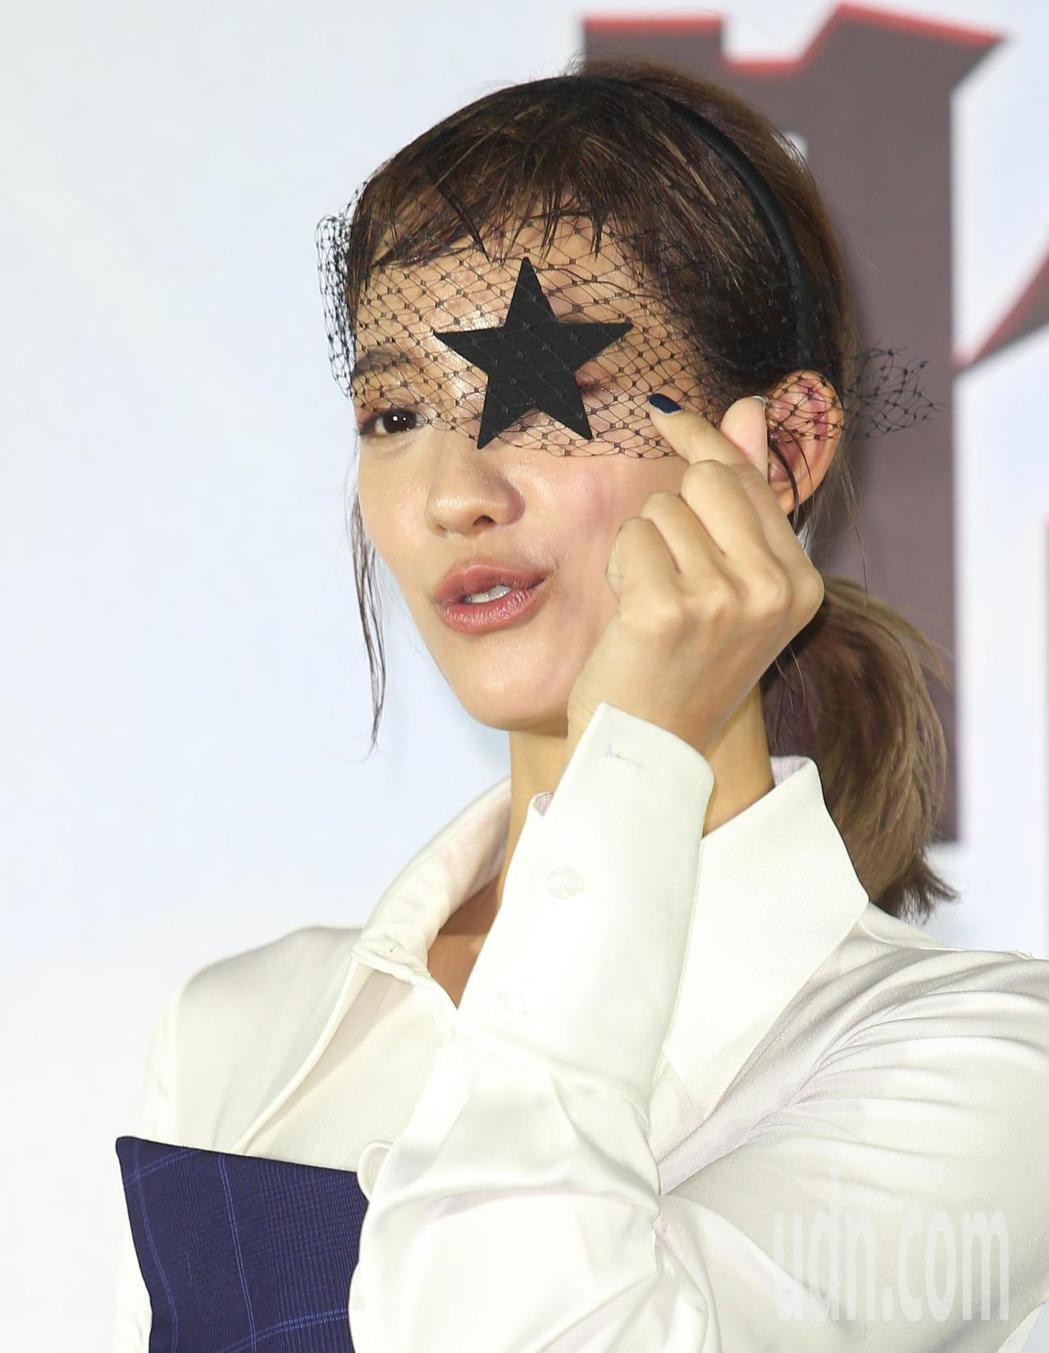 【哈囉!有事嗎】首映會在信義威秀舉行,女主角孟耿如出席。記者陳正興/攝影